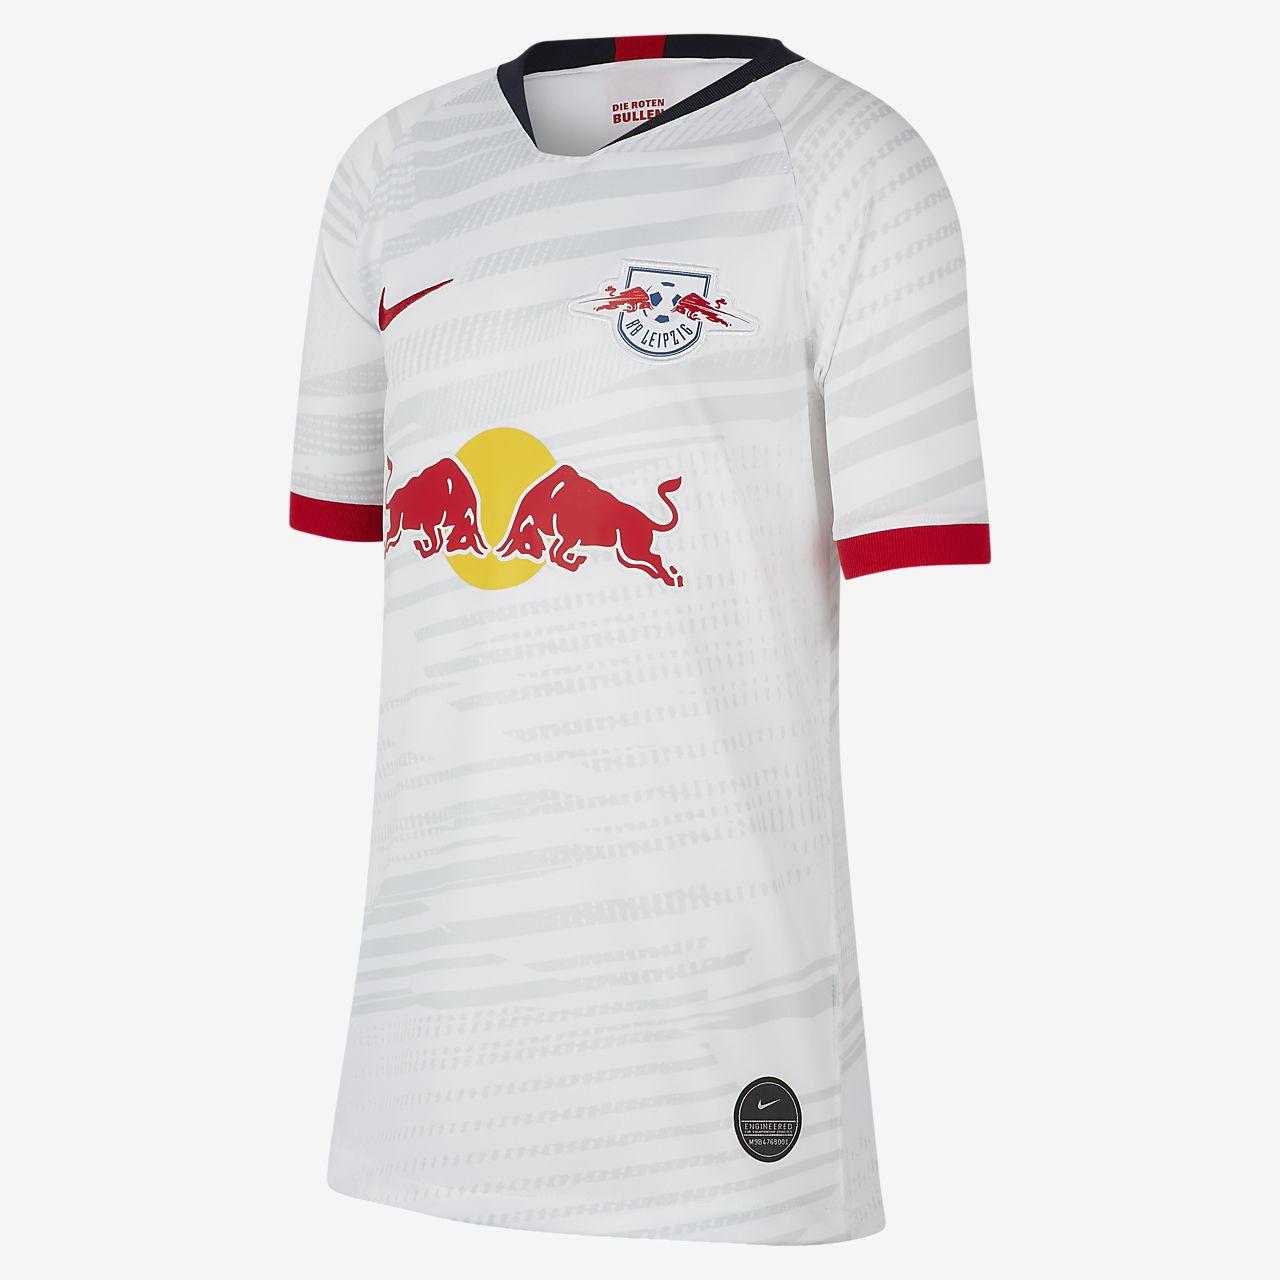 Camisola de futebol RB Leipzig 2019/20 Stadium Home Júnior